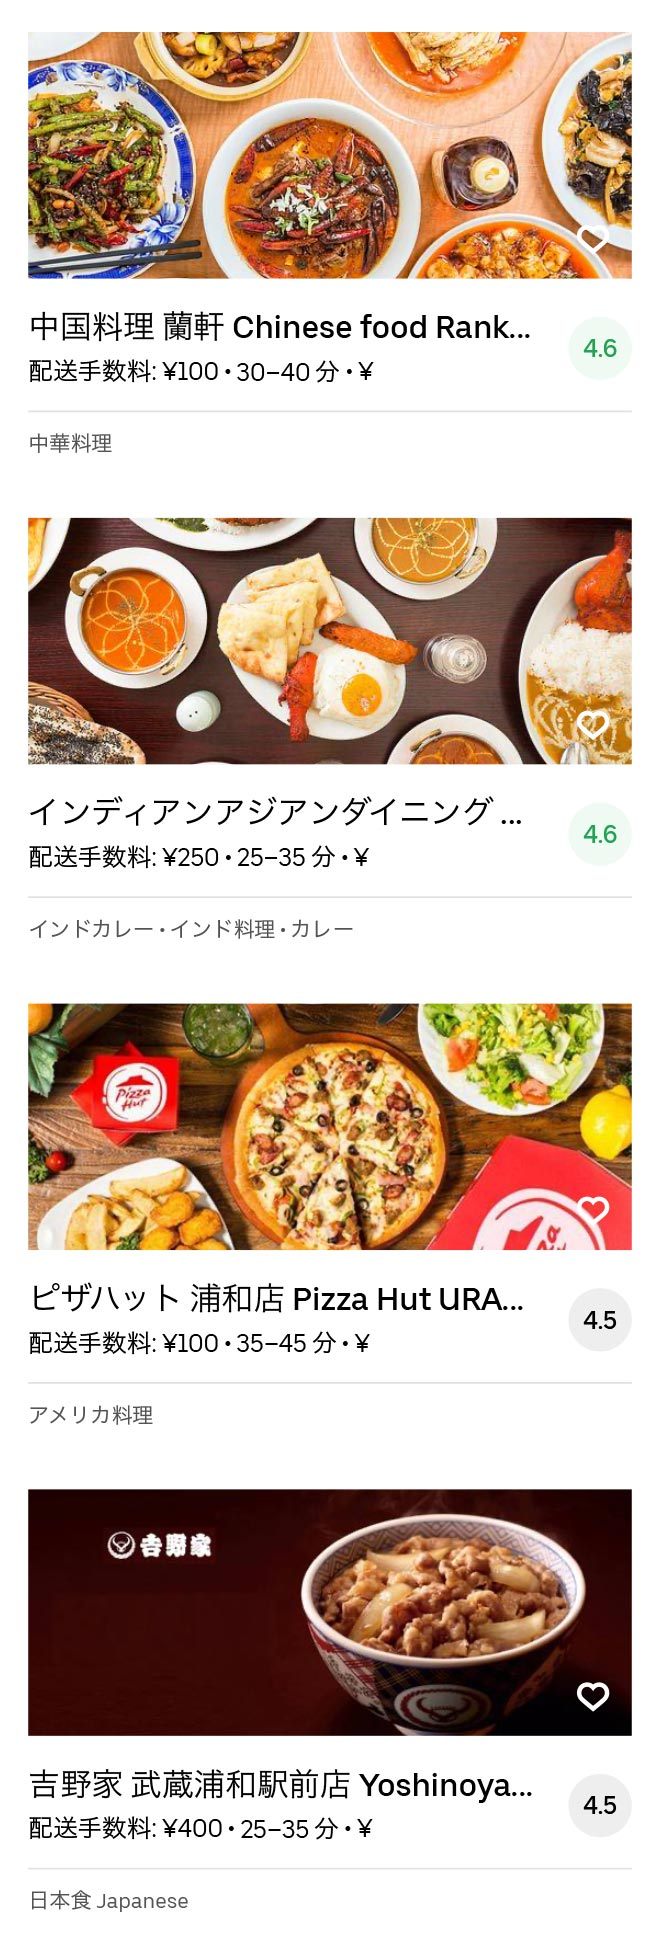 Saitama minami yono menu 2006 12